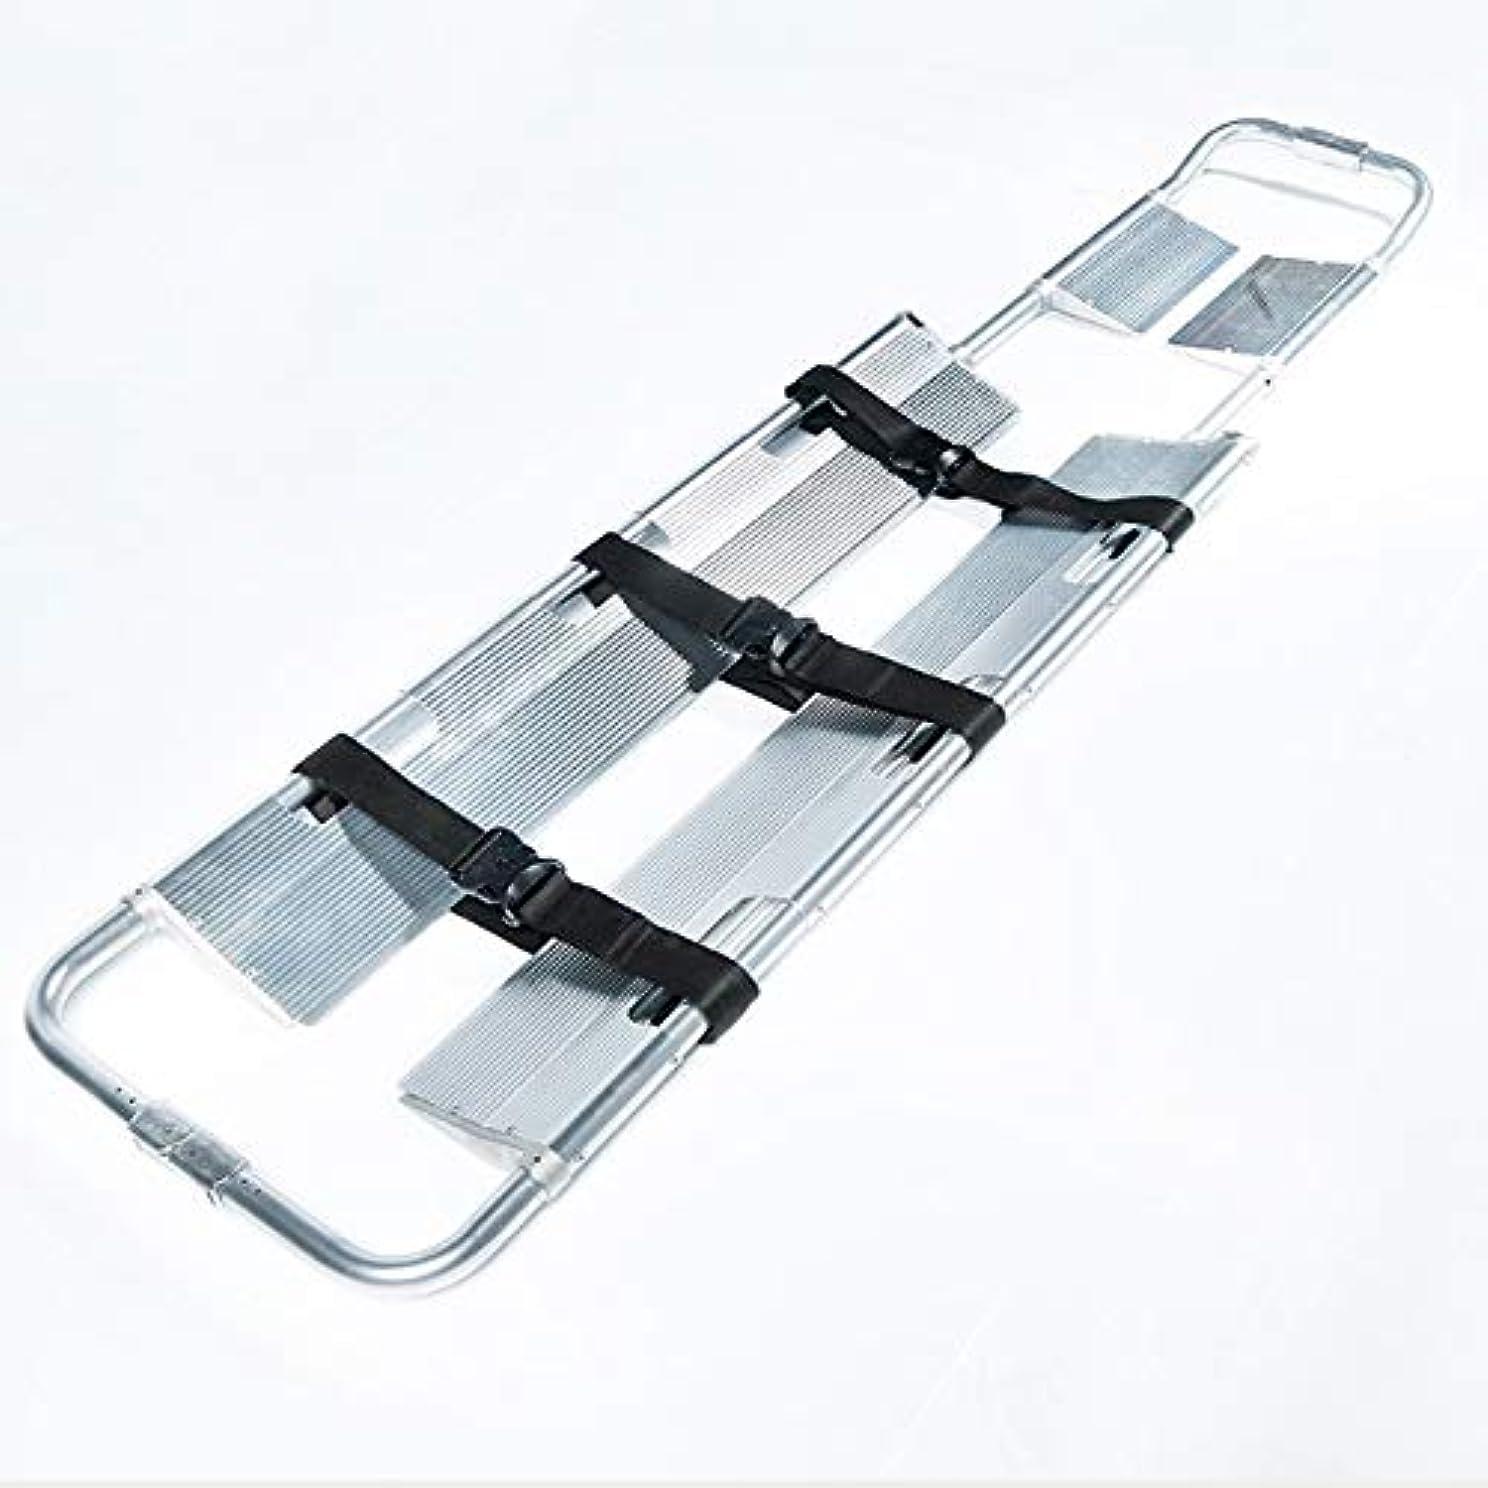 タクト脊椎組み合わせ整形外科用ストレッチャー救急車プロファイルストレッチャー用ストラップ (Color : A)